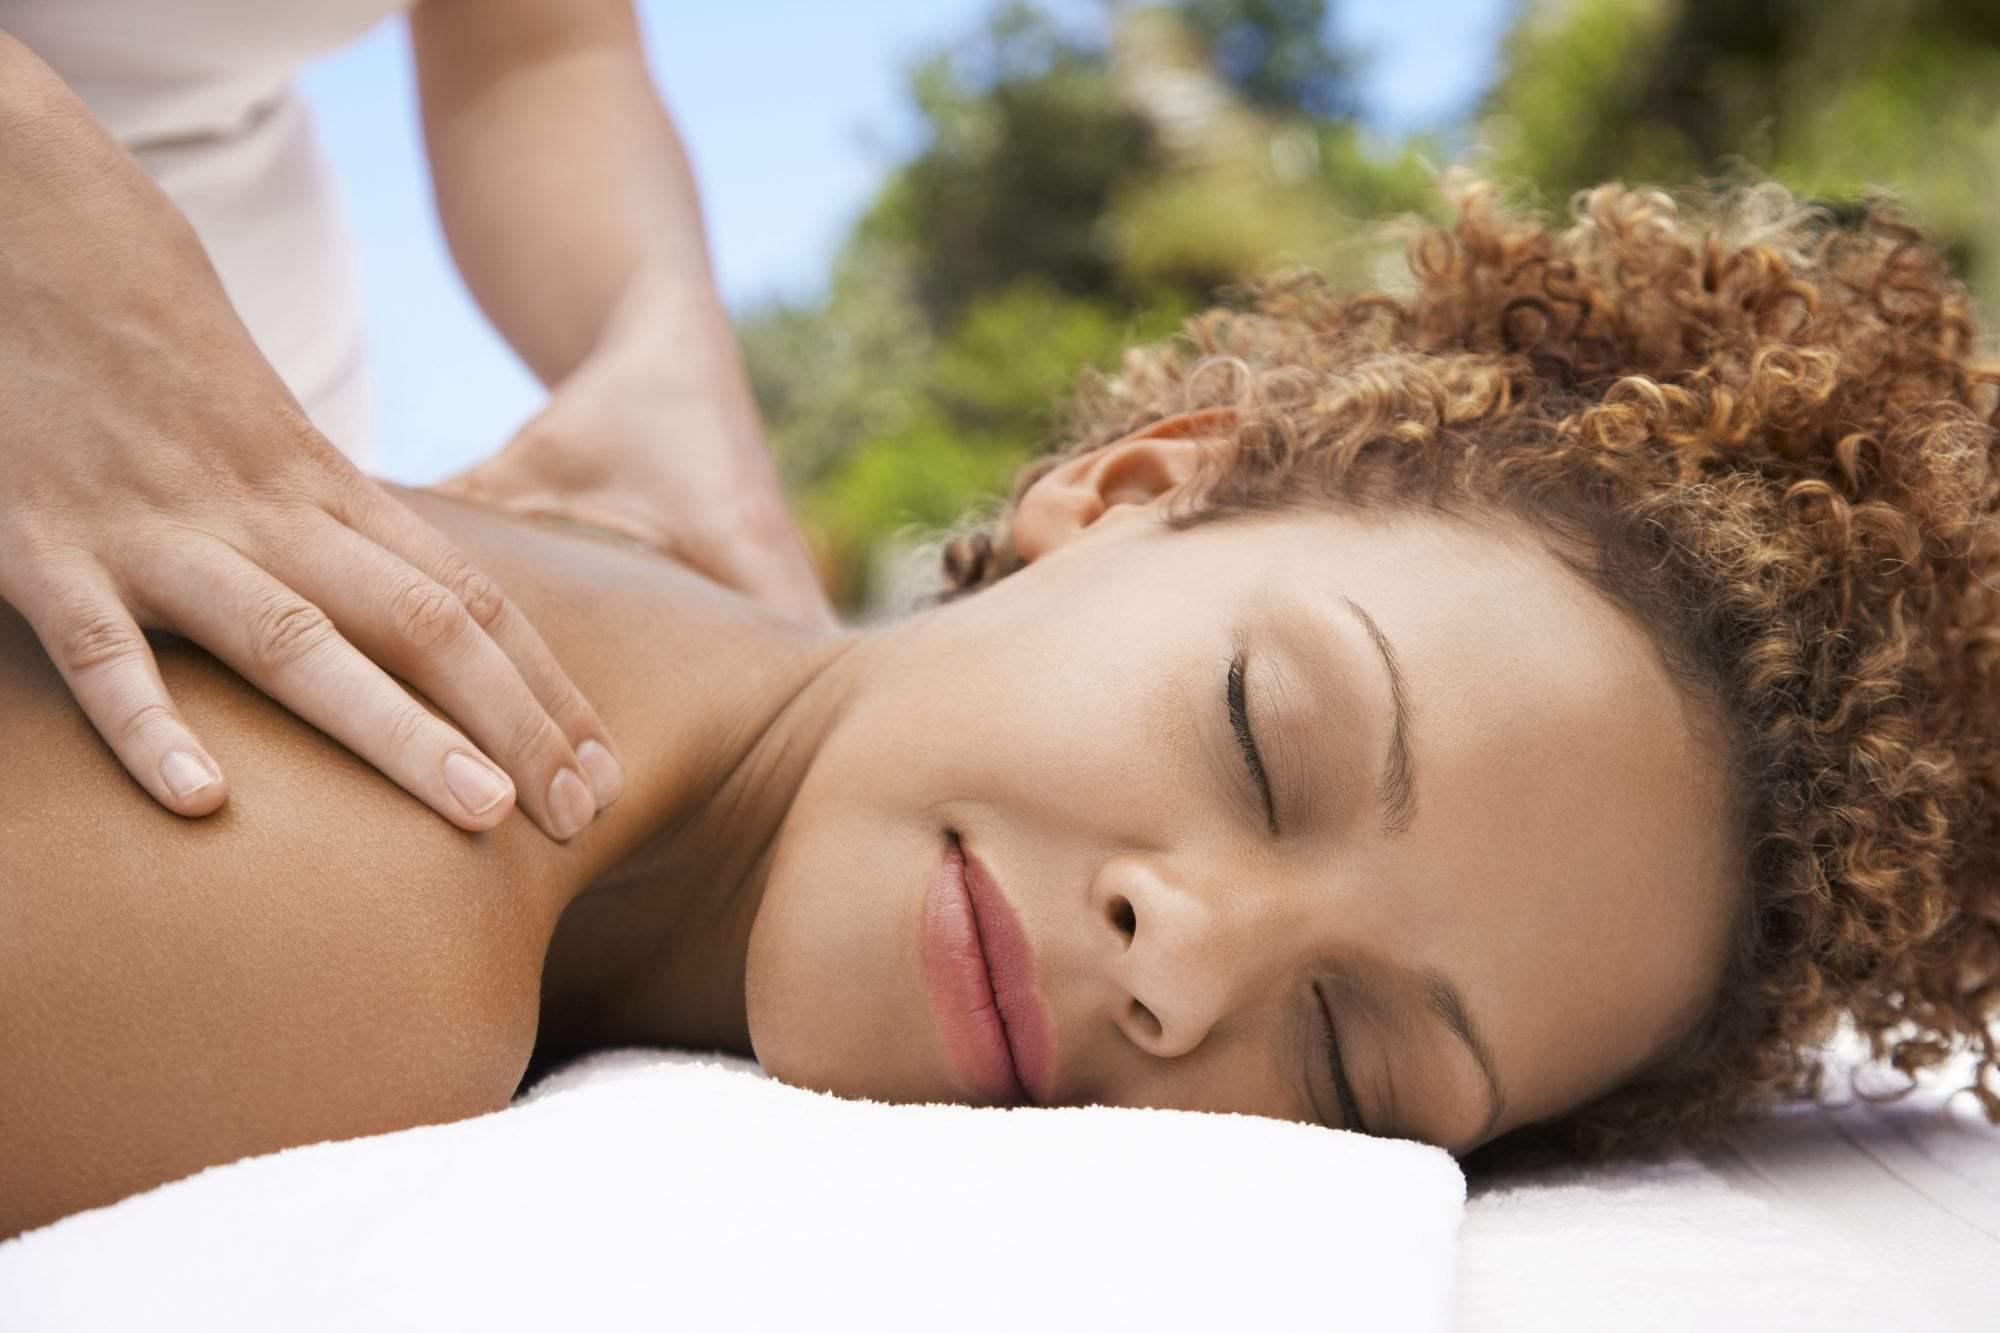 zle samopoczucie po masażu